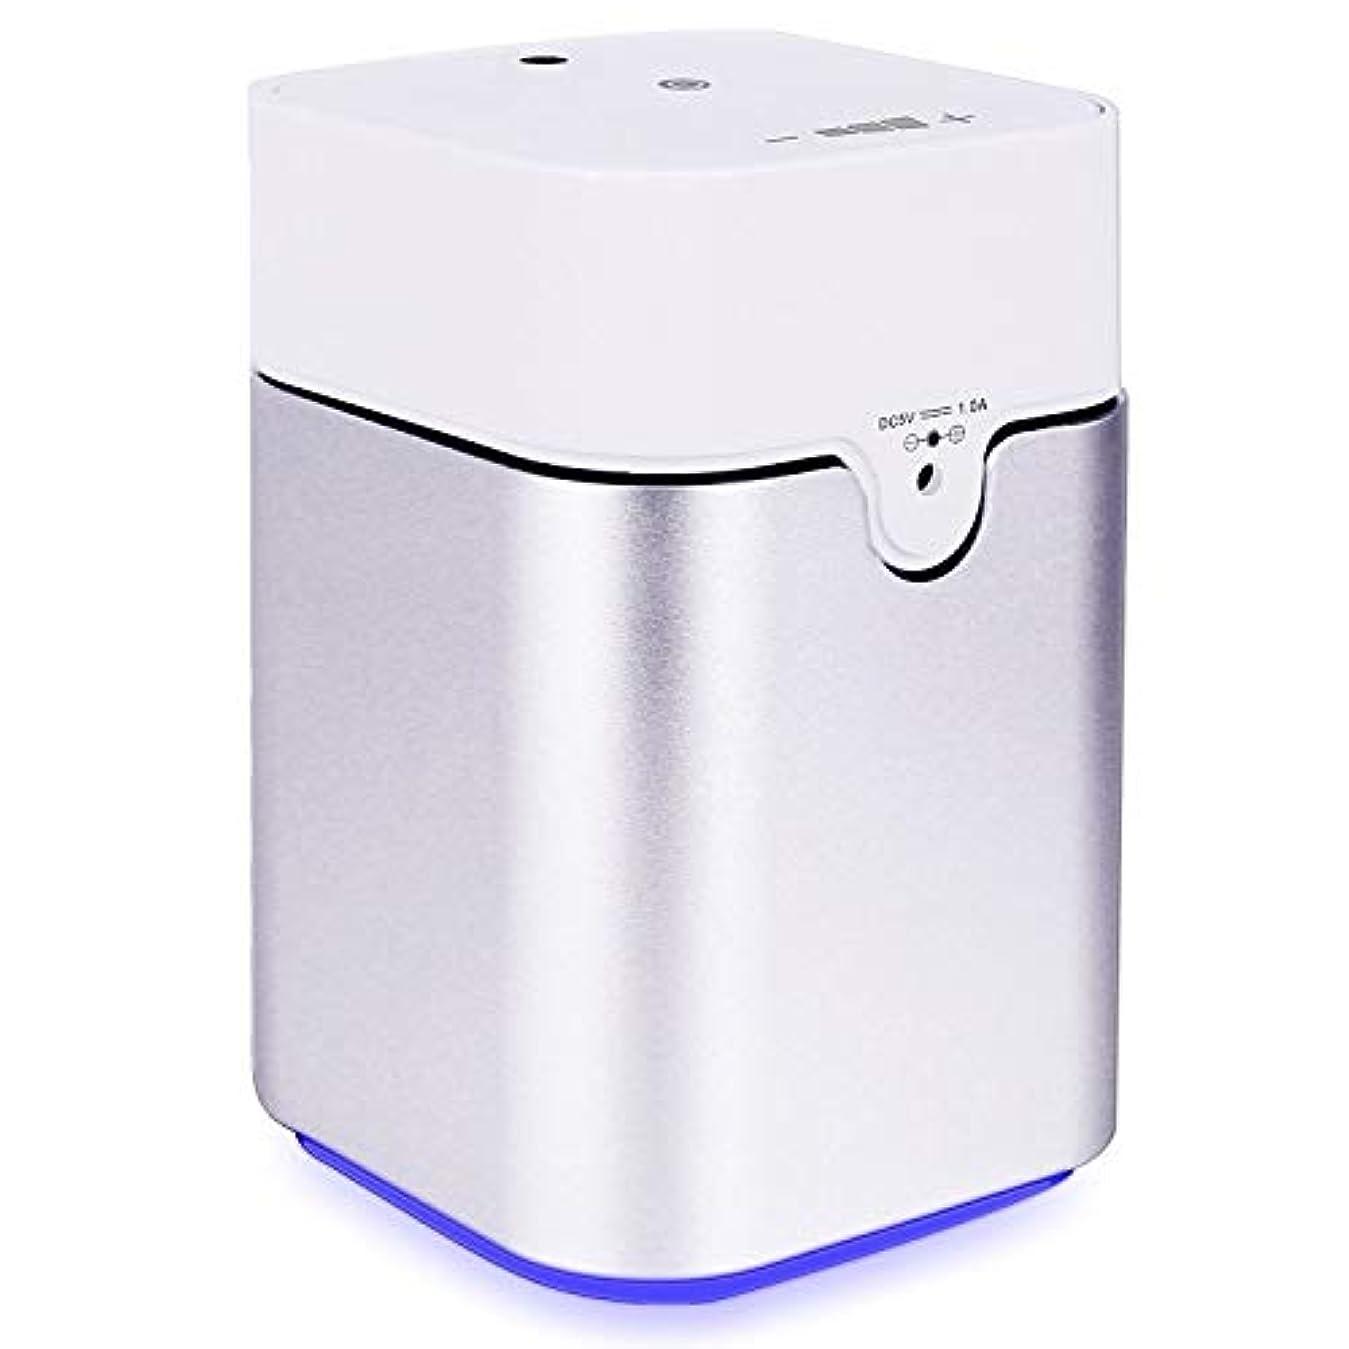 感情鳥権威ENERG e's Pure アロマディフューザー ヨガ室 整体院人気 タイマー機能 ネブライザー式 量調整可能 精油瓶3個付き T11-ENS082